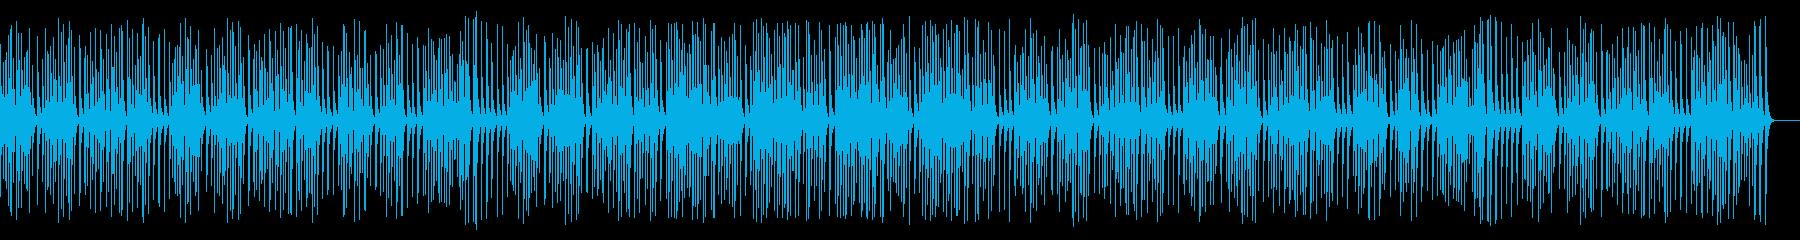 可愛い動物や作業動画に合う木琴の再生済みの波形